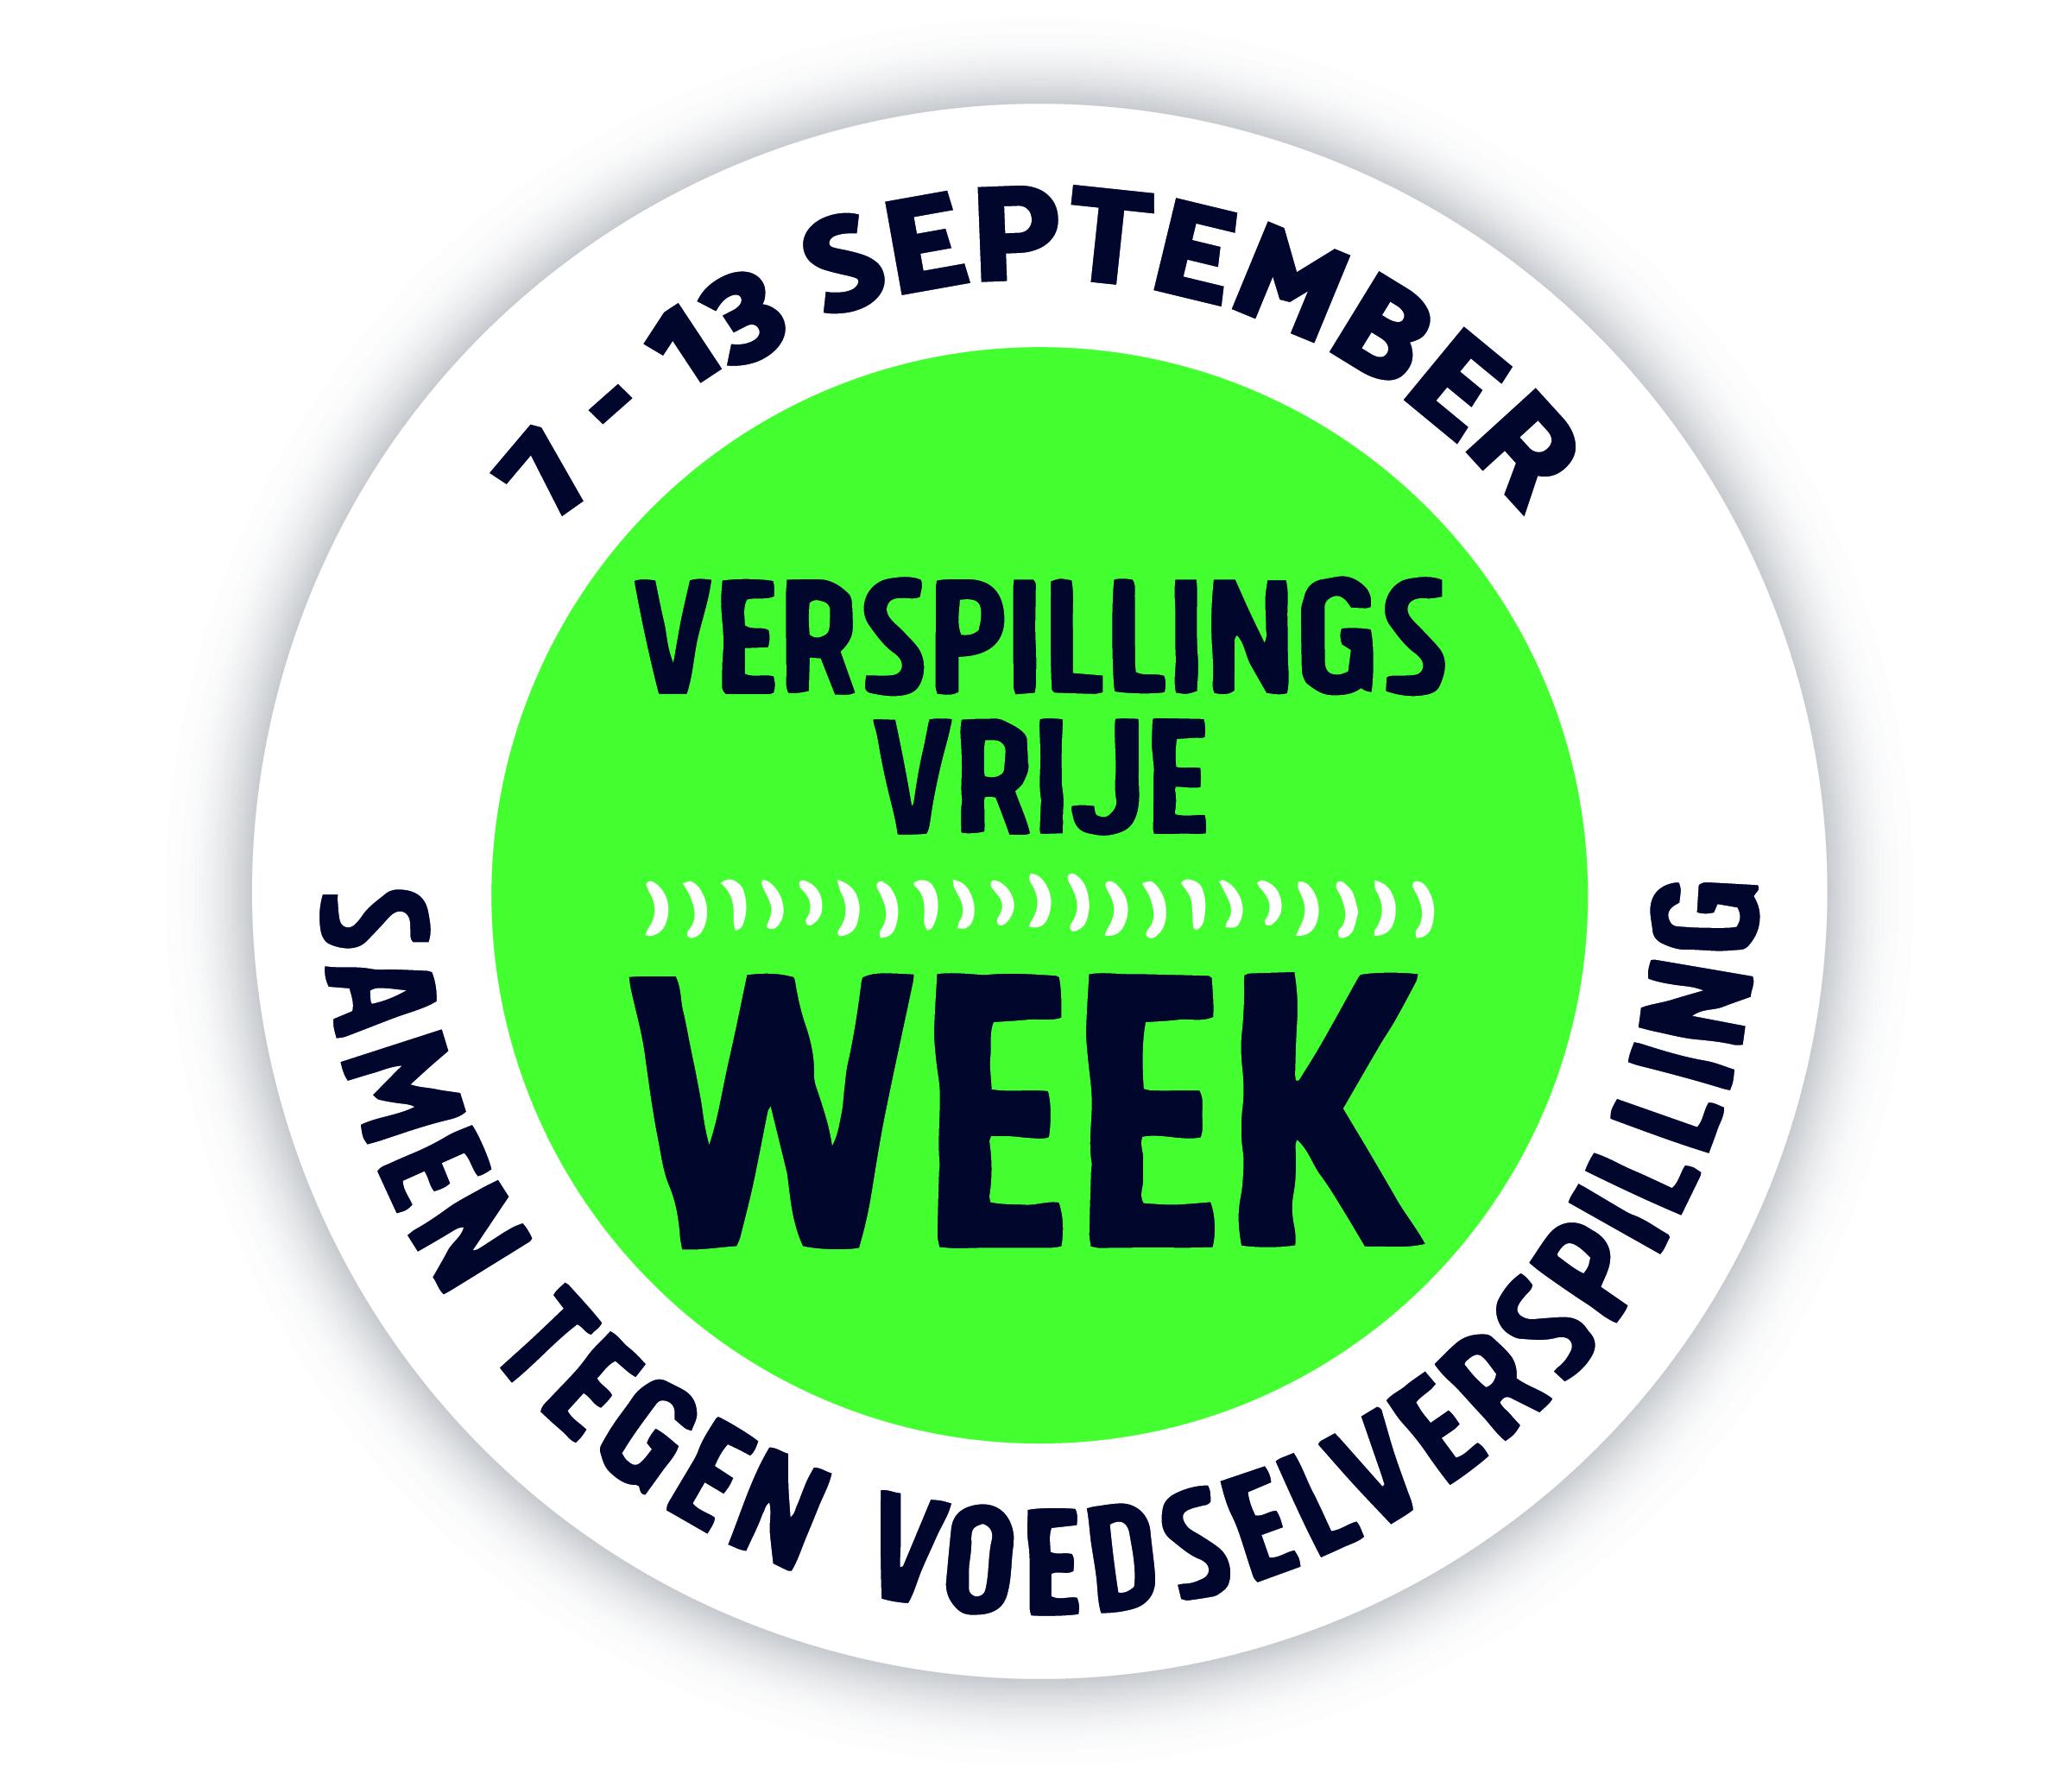 De Verspillingsvrije Week 7 t/m 13 september